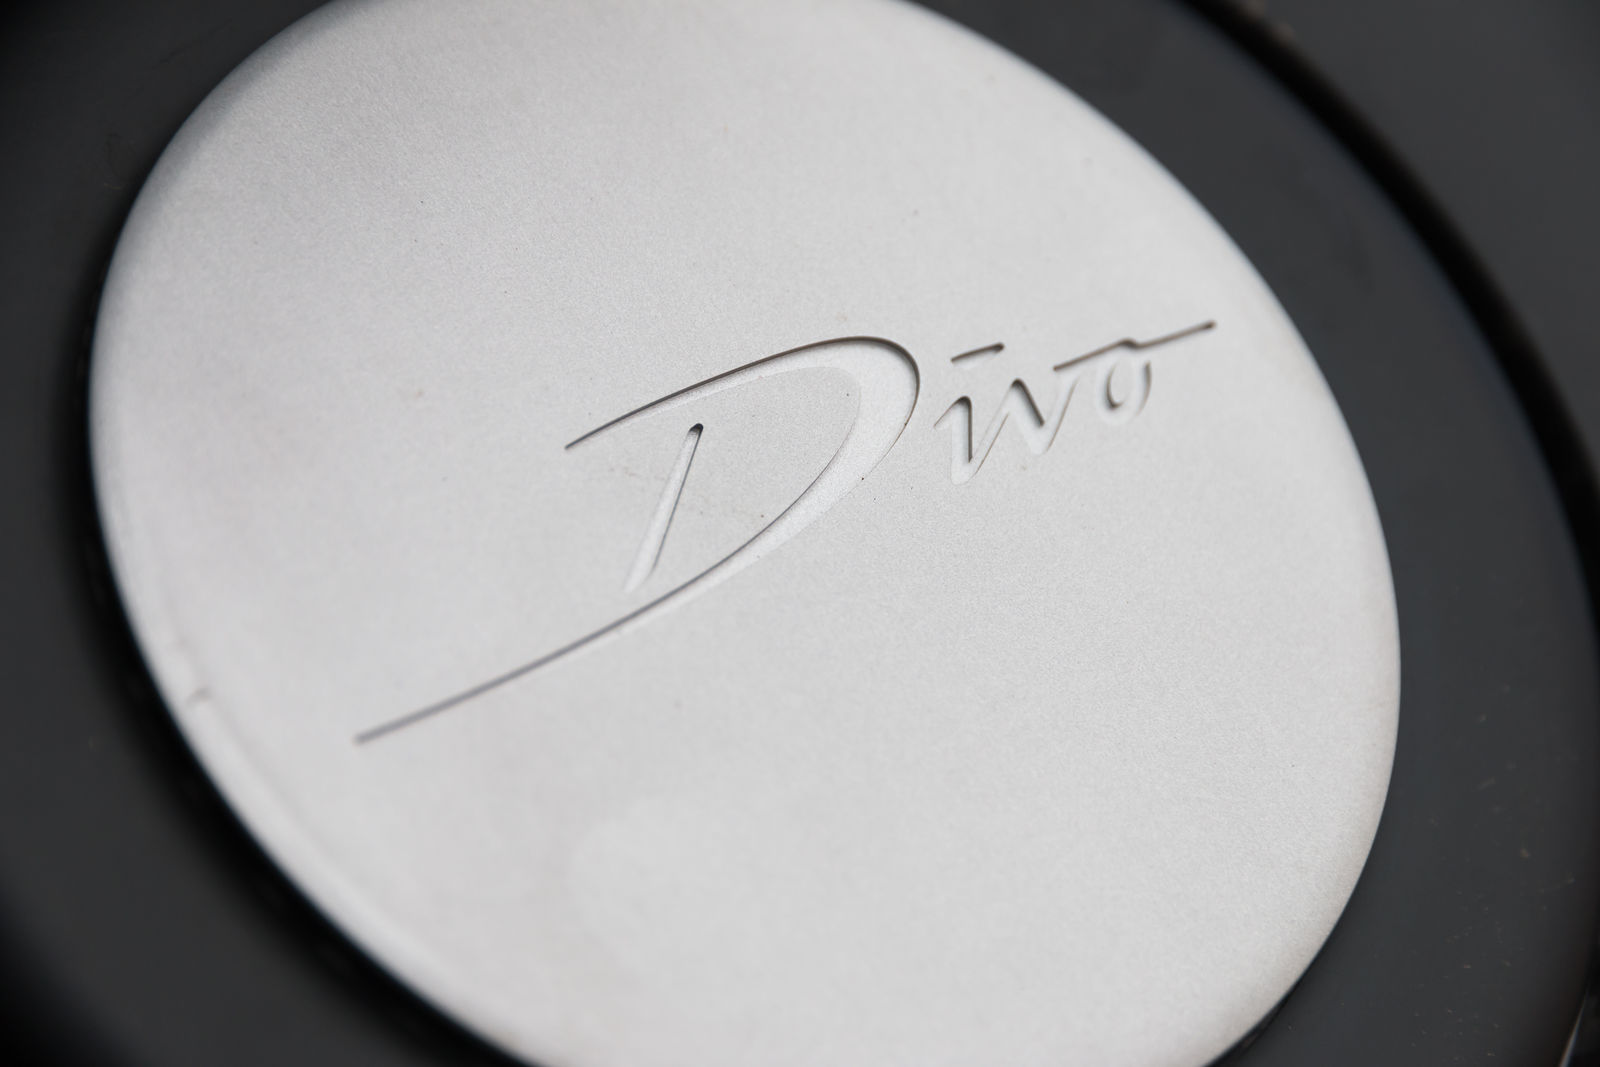 Divo1 Bugatti